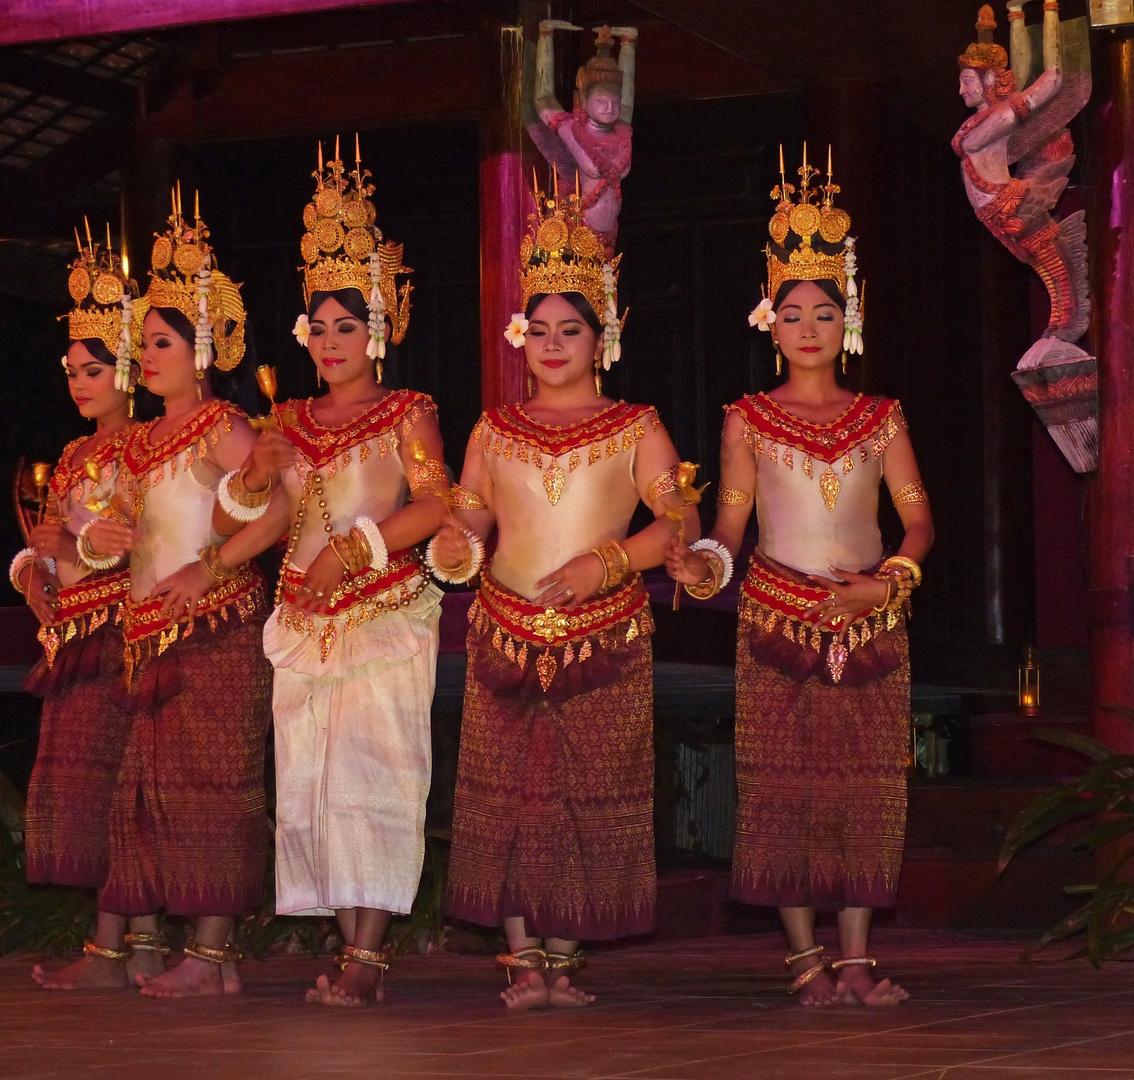 der Apsara-Tanz - eine einzigartige Erzählform. Kambodscha 2016